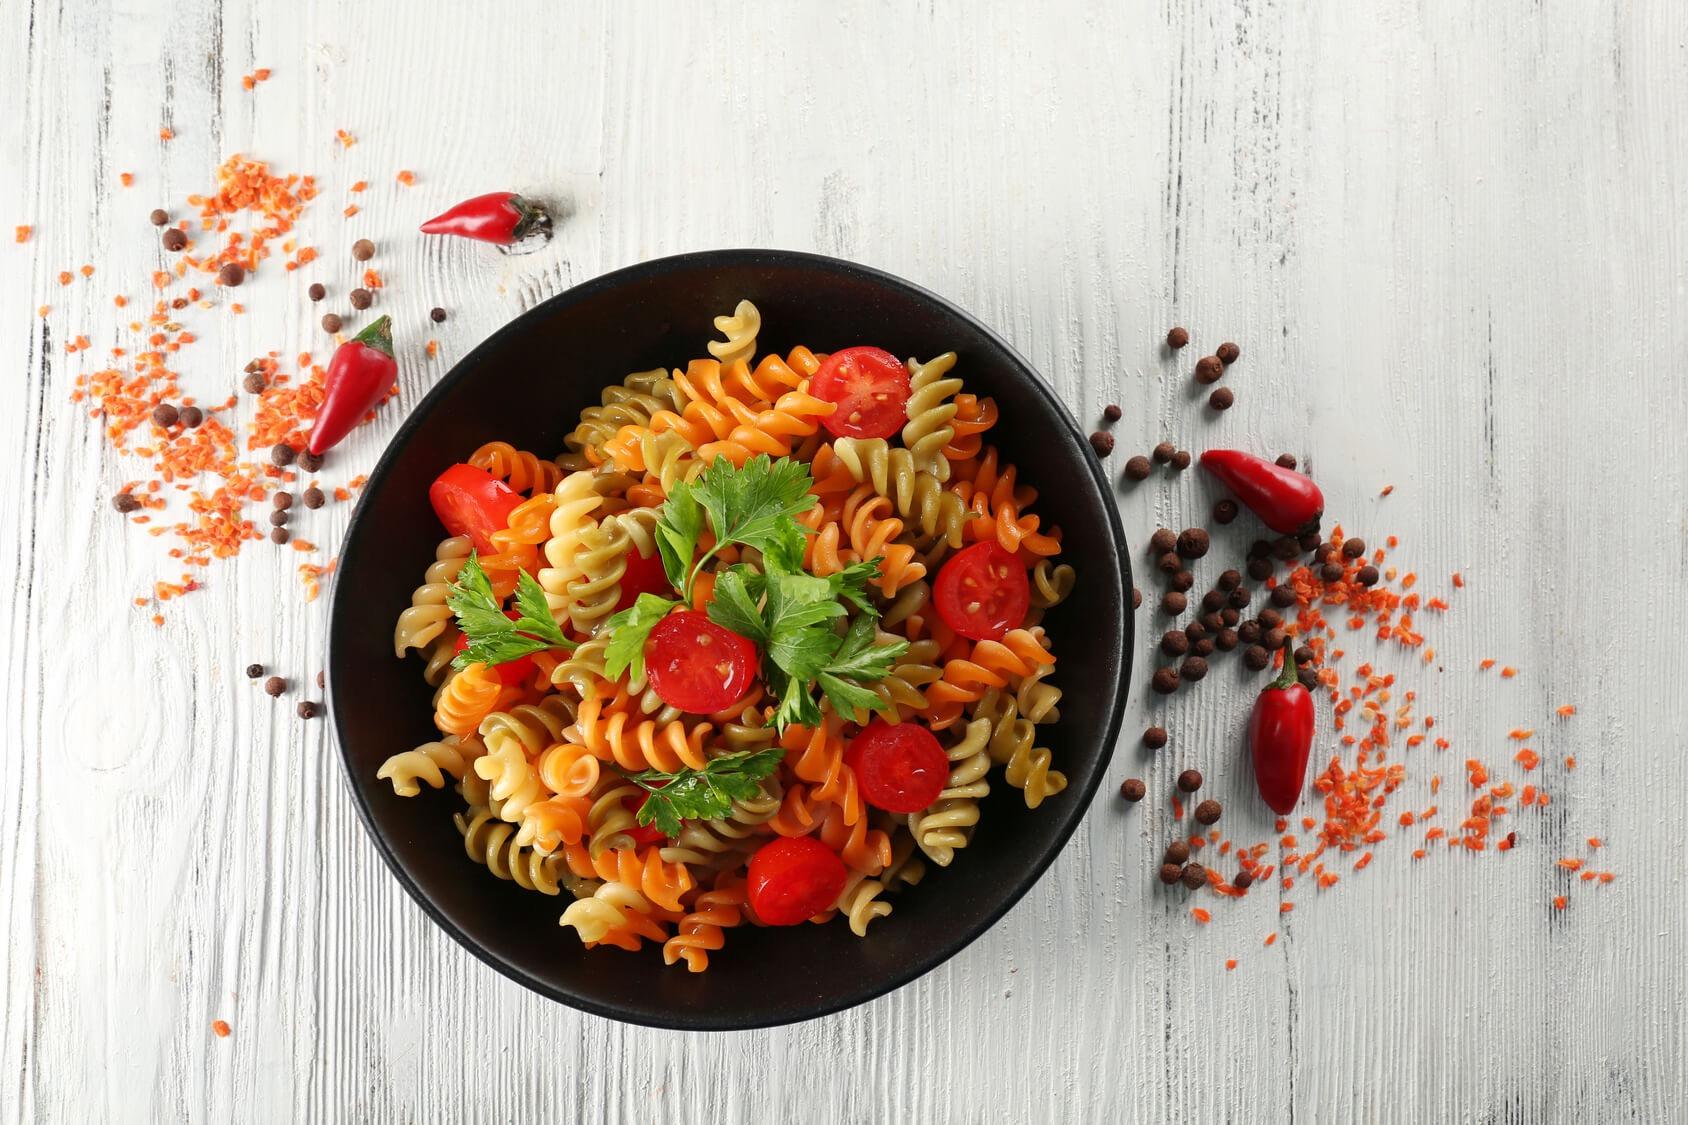 Gemüsenudeln mit Tomaten und Basilikum